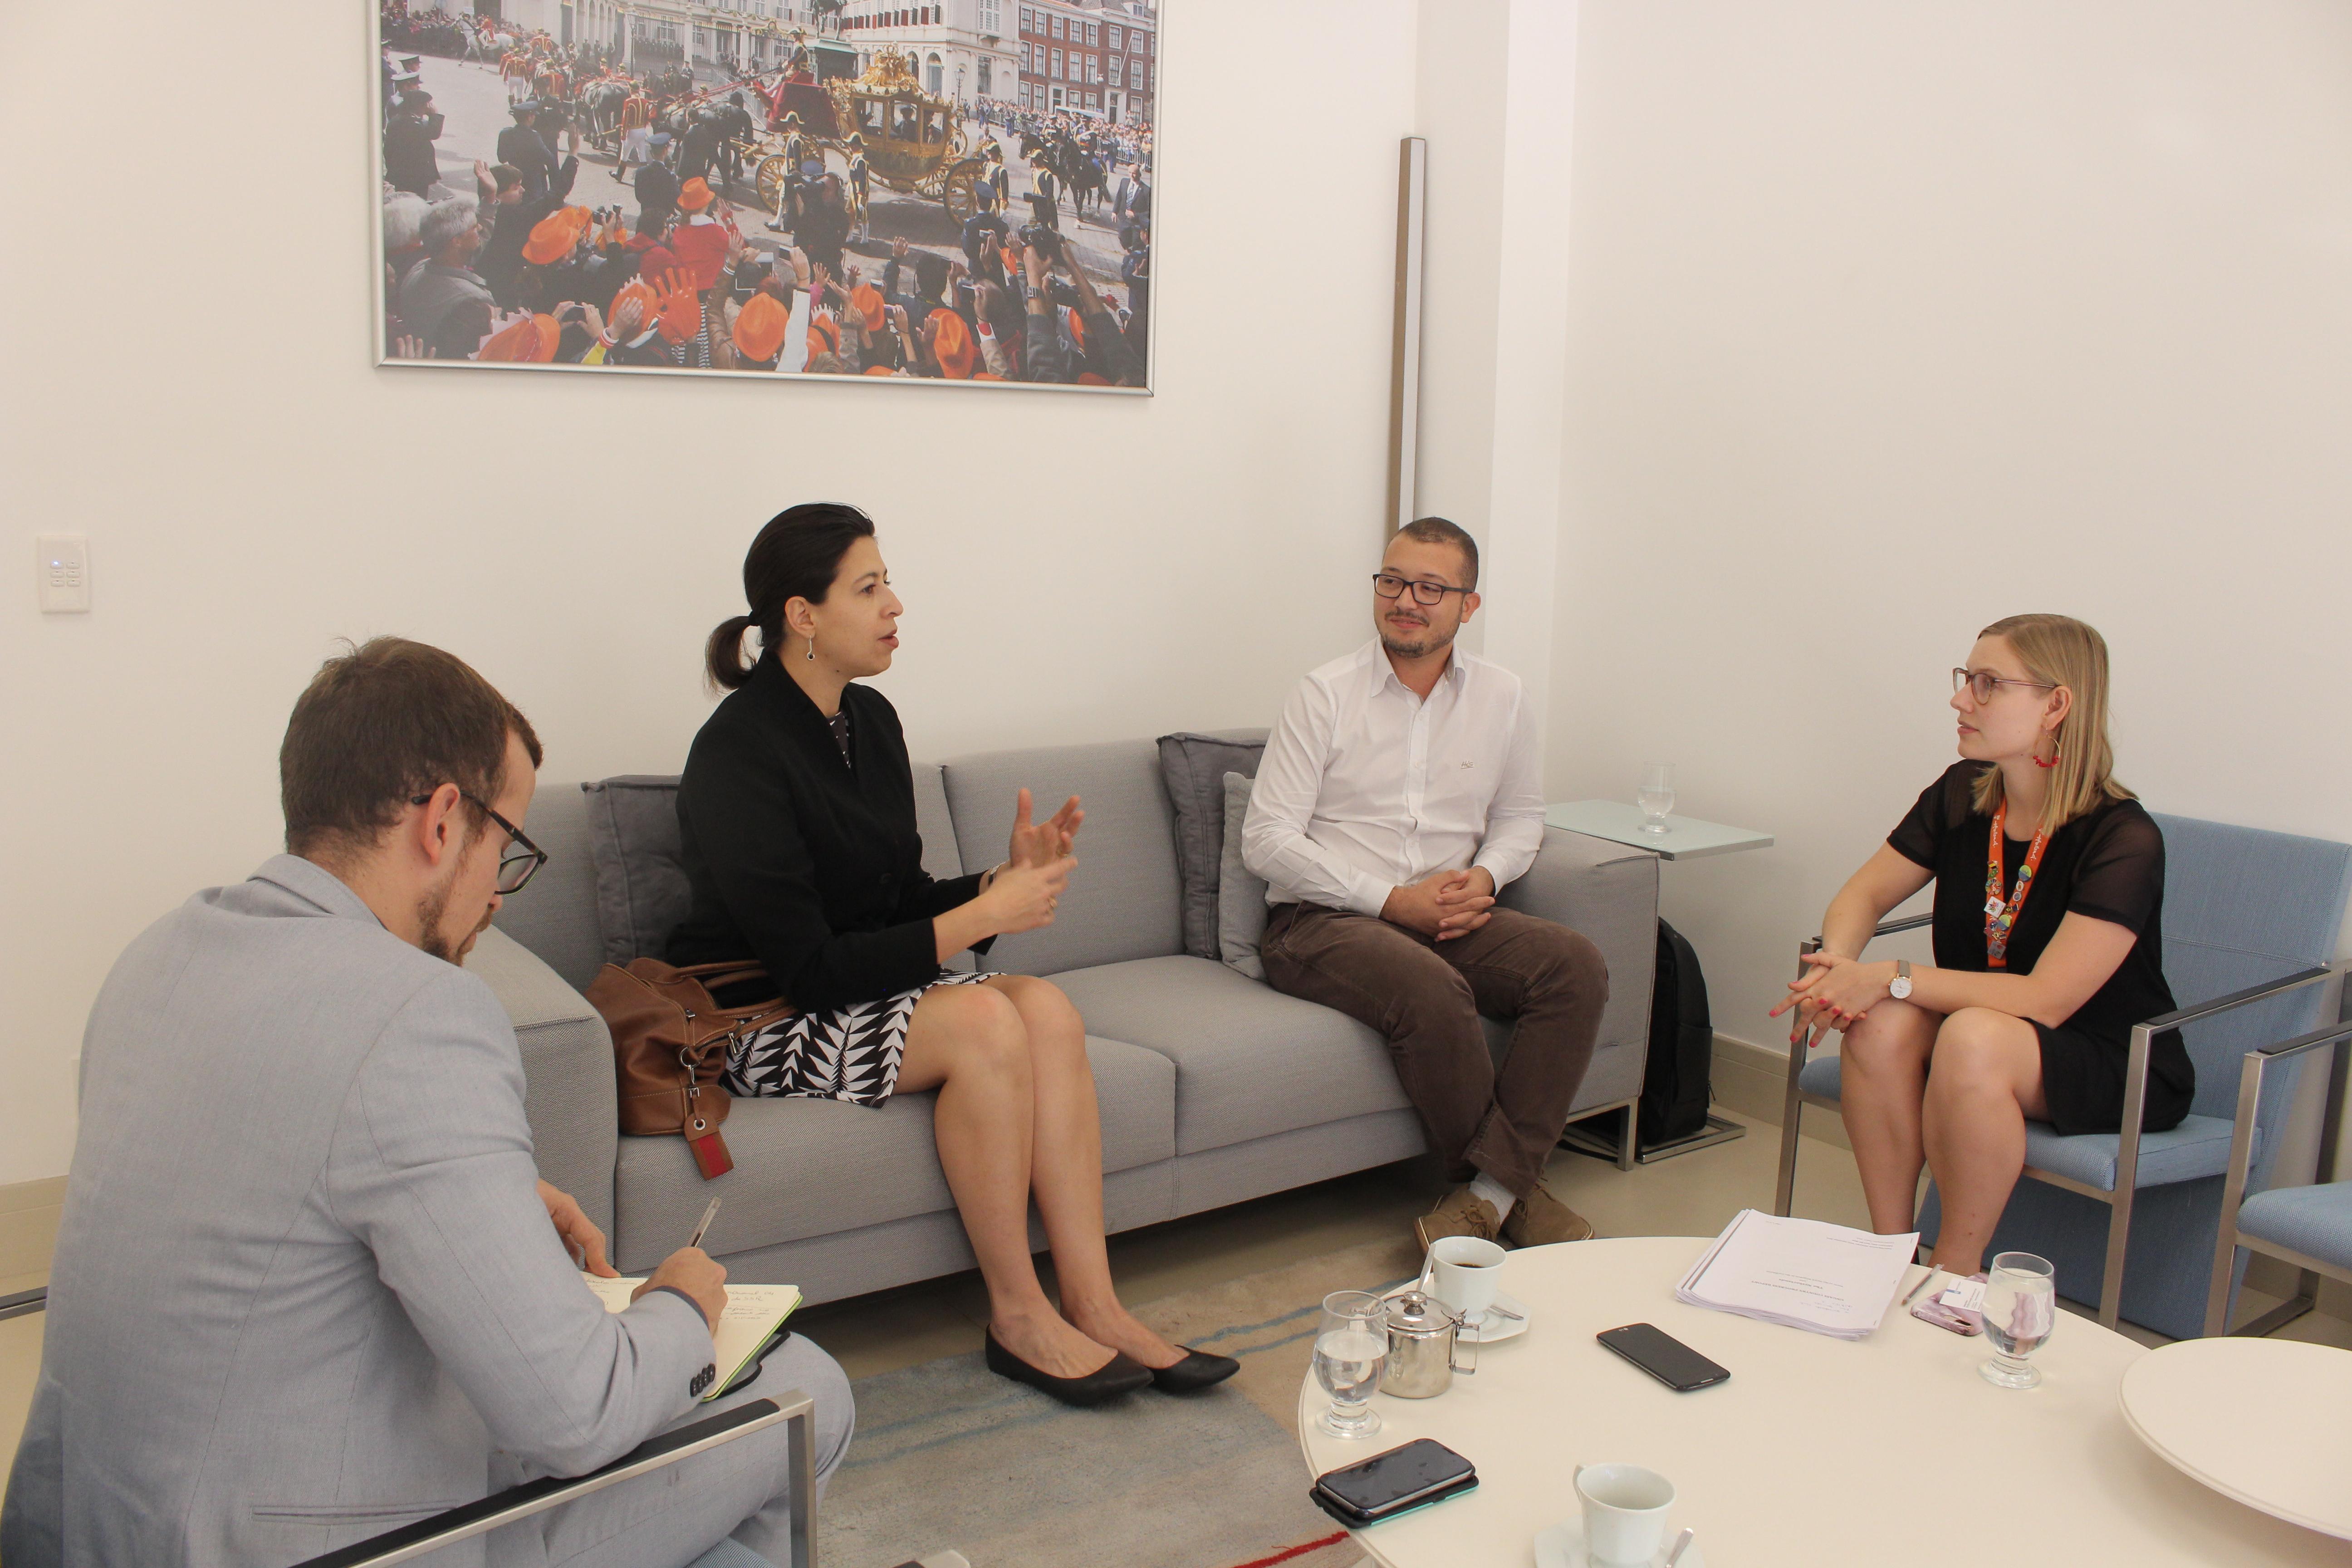 Georgiana Braga-Orillard, Diretora do UNAIDS no Brasil, Vinícius Nascimento e Lieselotte Pellens, Assessora do Departamento de Assuntos Políticos, Diplomacia Pública e Cultura